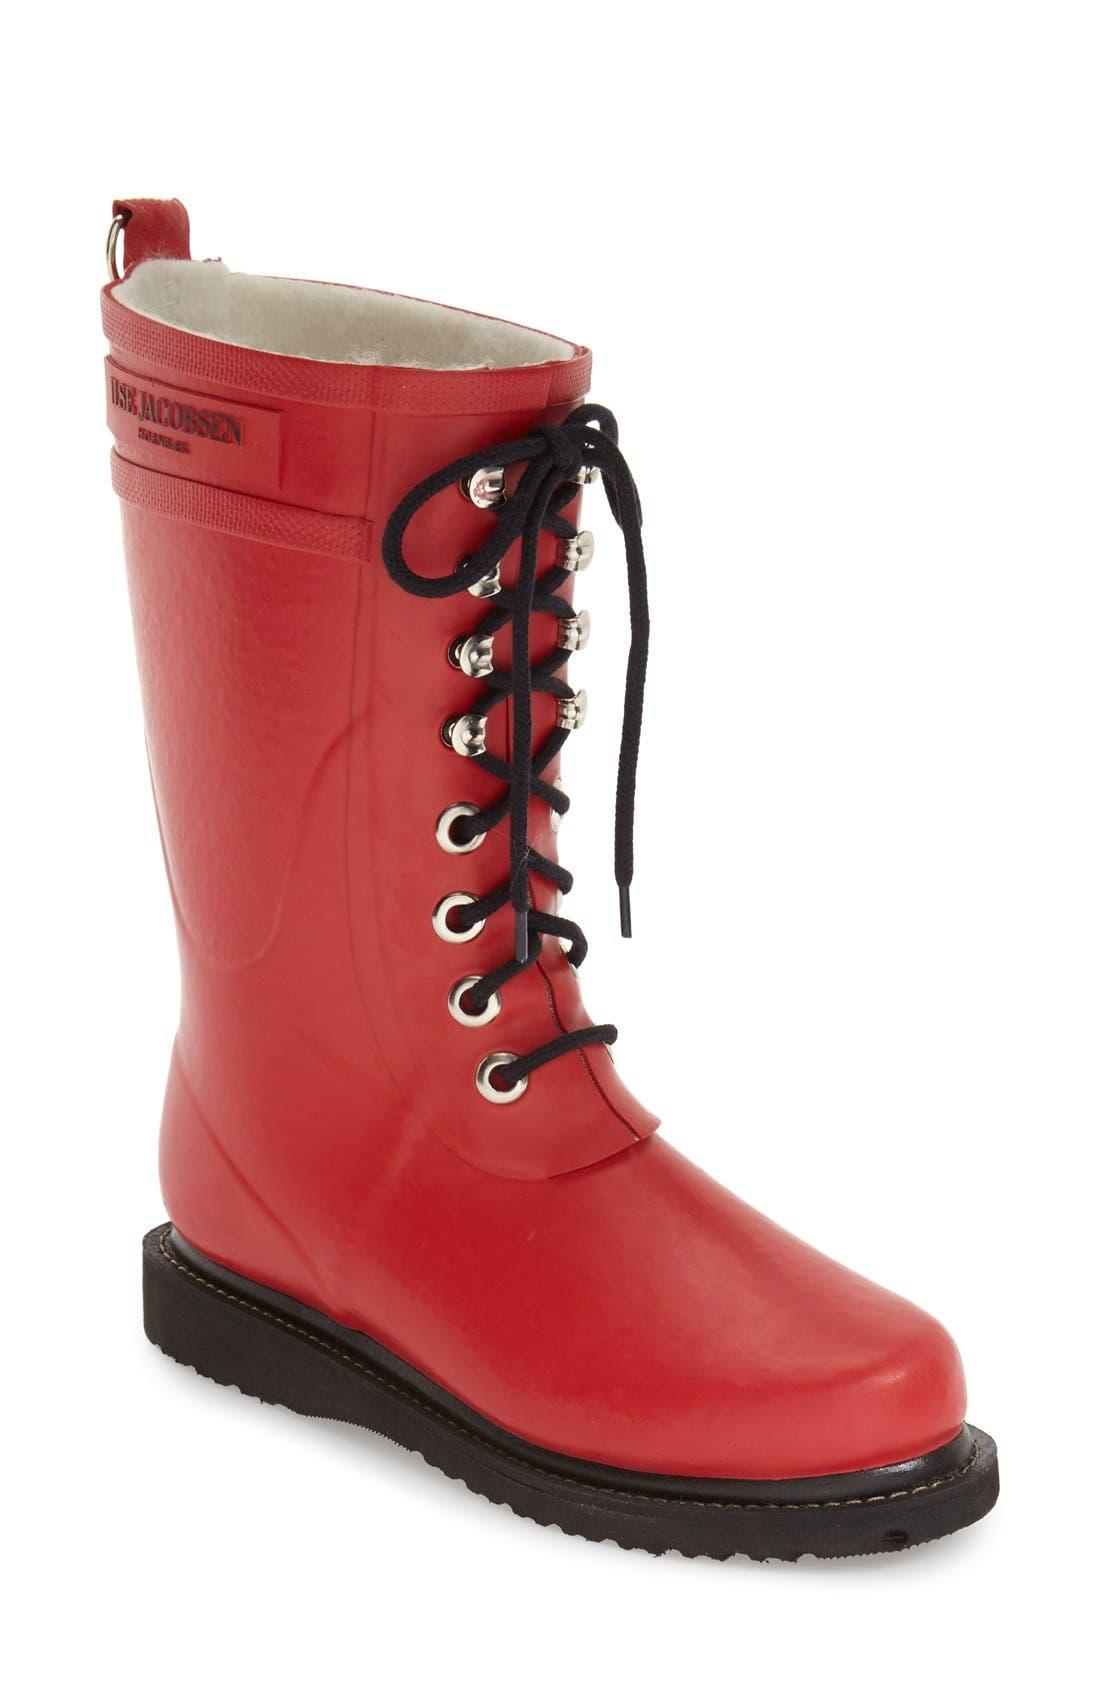 Ilse Jacobsen Rubber Waterproof Boot, Red